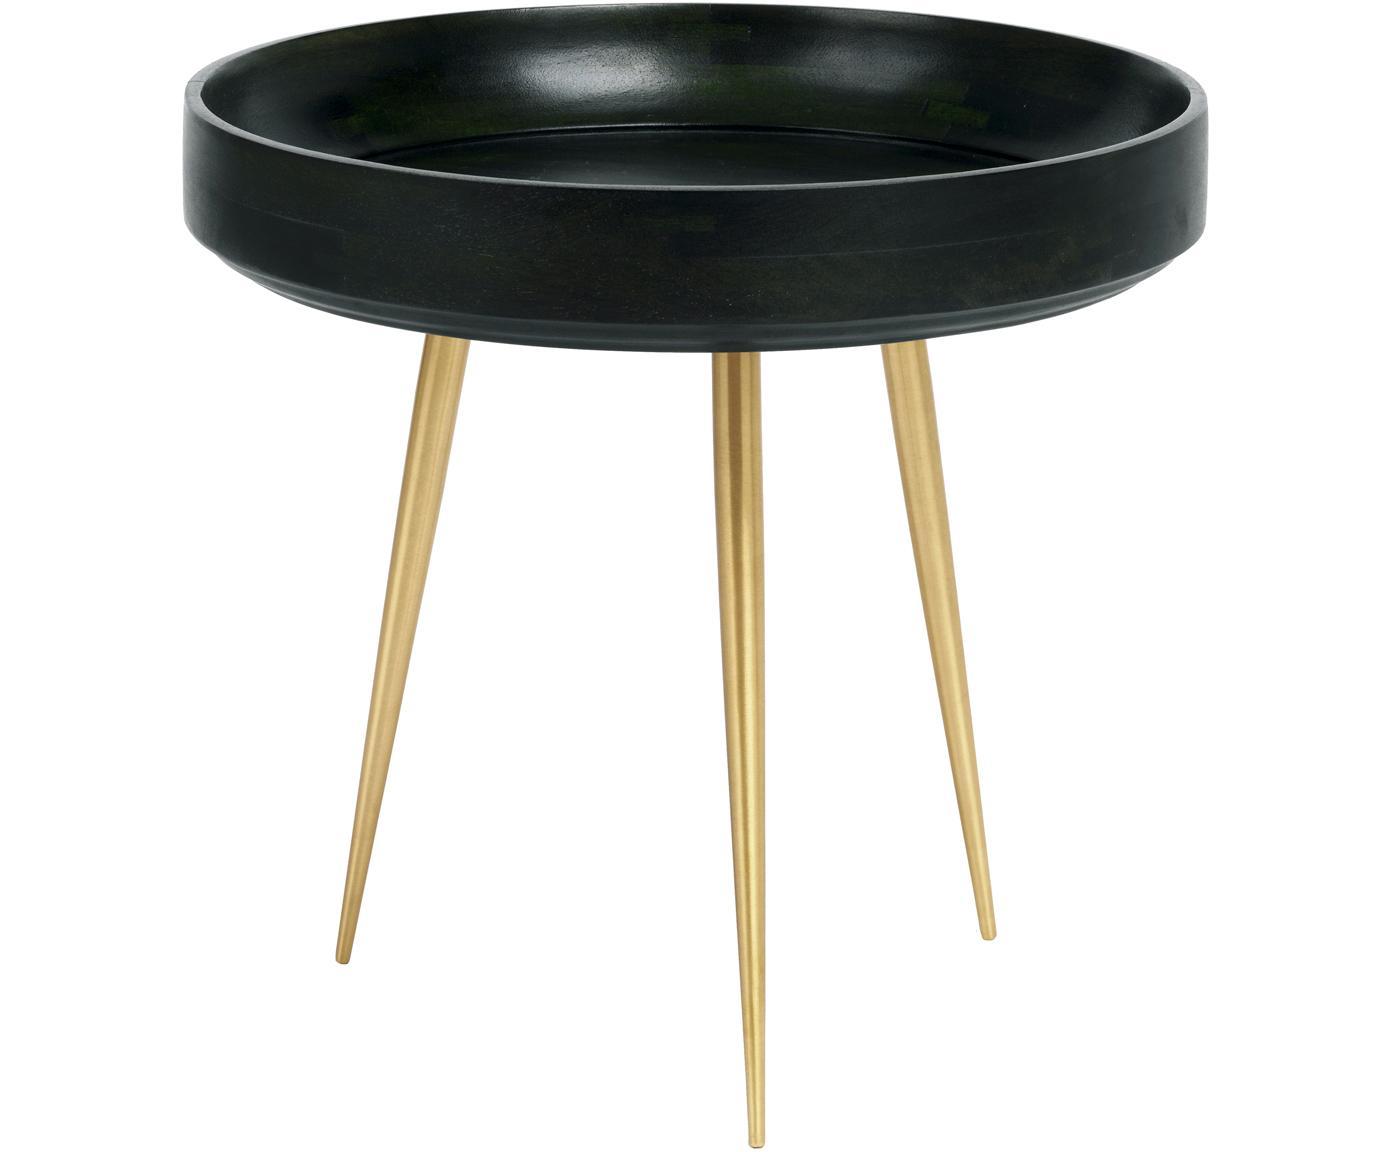 Kleine design bijzettafel Bowl Table van mangohout, Tafelblad: mangohout, bekleed met lo, Poten: vermessingd metaal, Nori groen, messingkleurig, Ø 40 x H 38 cm